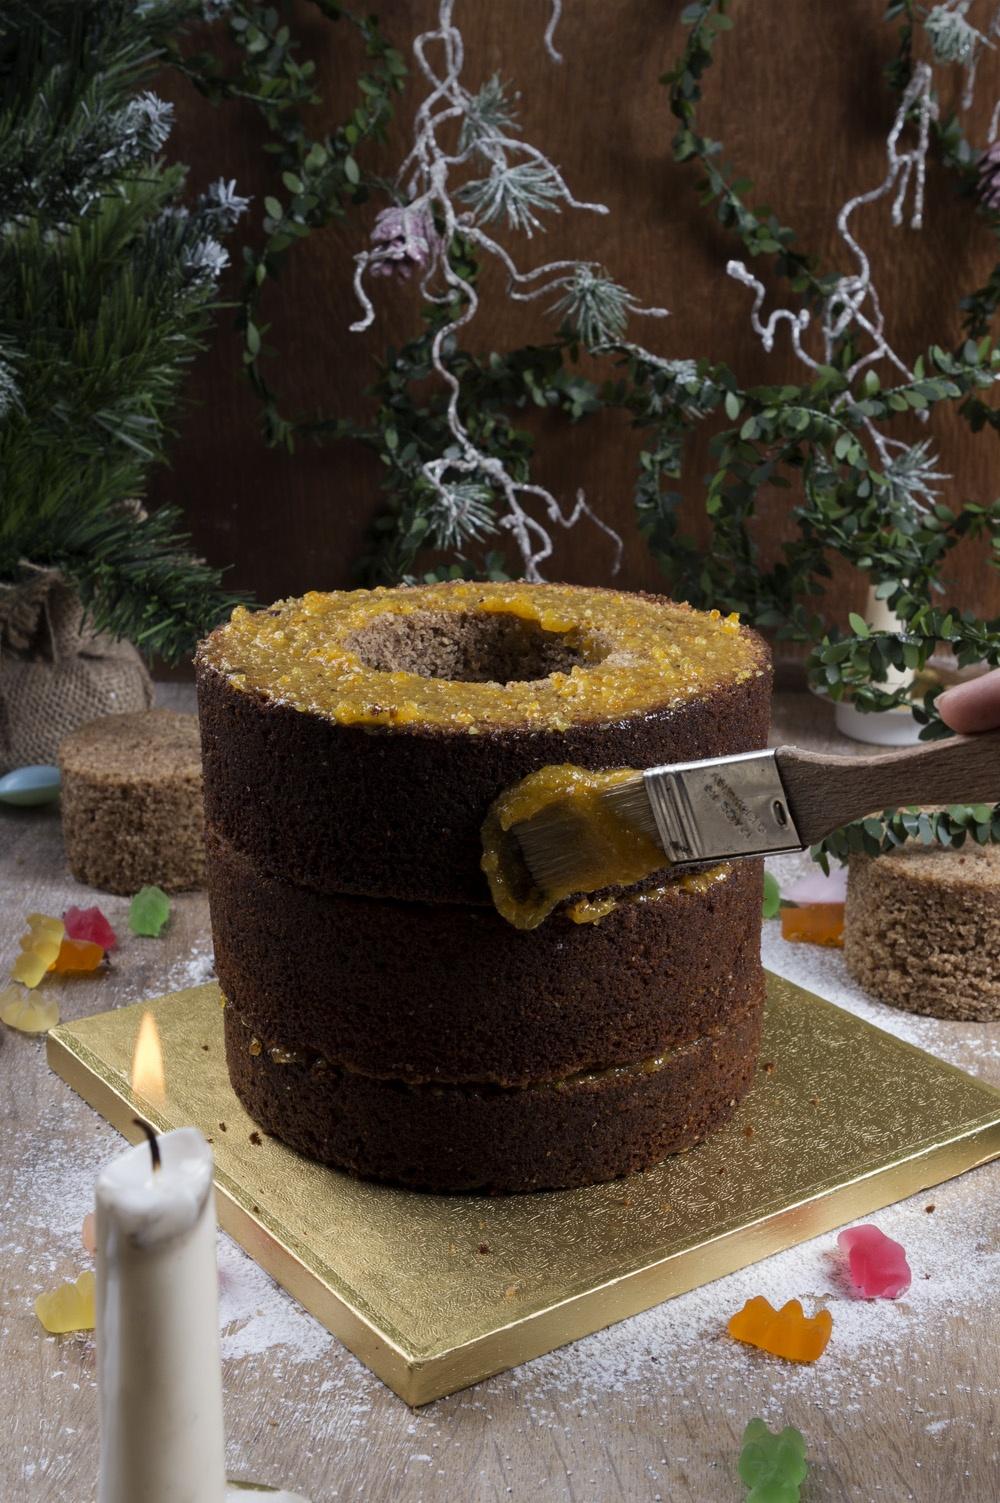 pinata-cake-montage-qui-a-vole-les-tartes-pour-feerie-cake-studio-de-creation-2